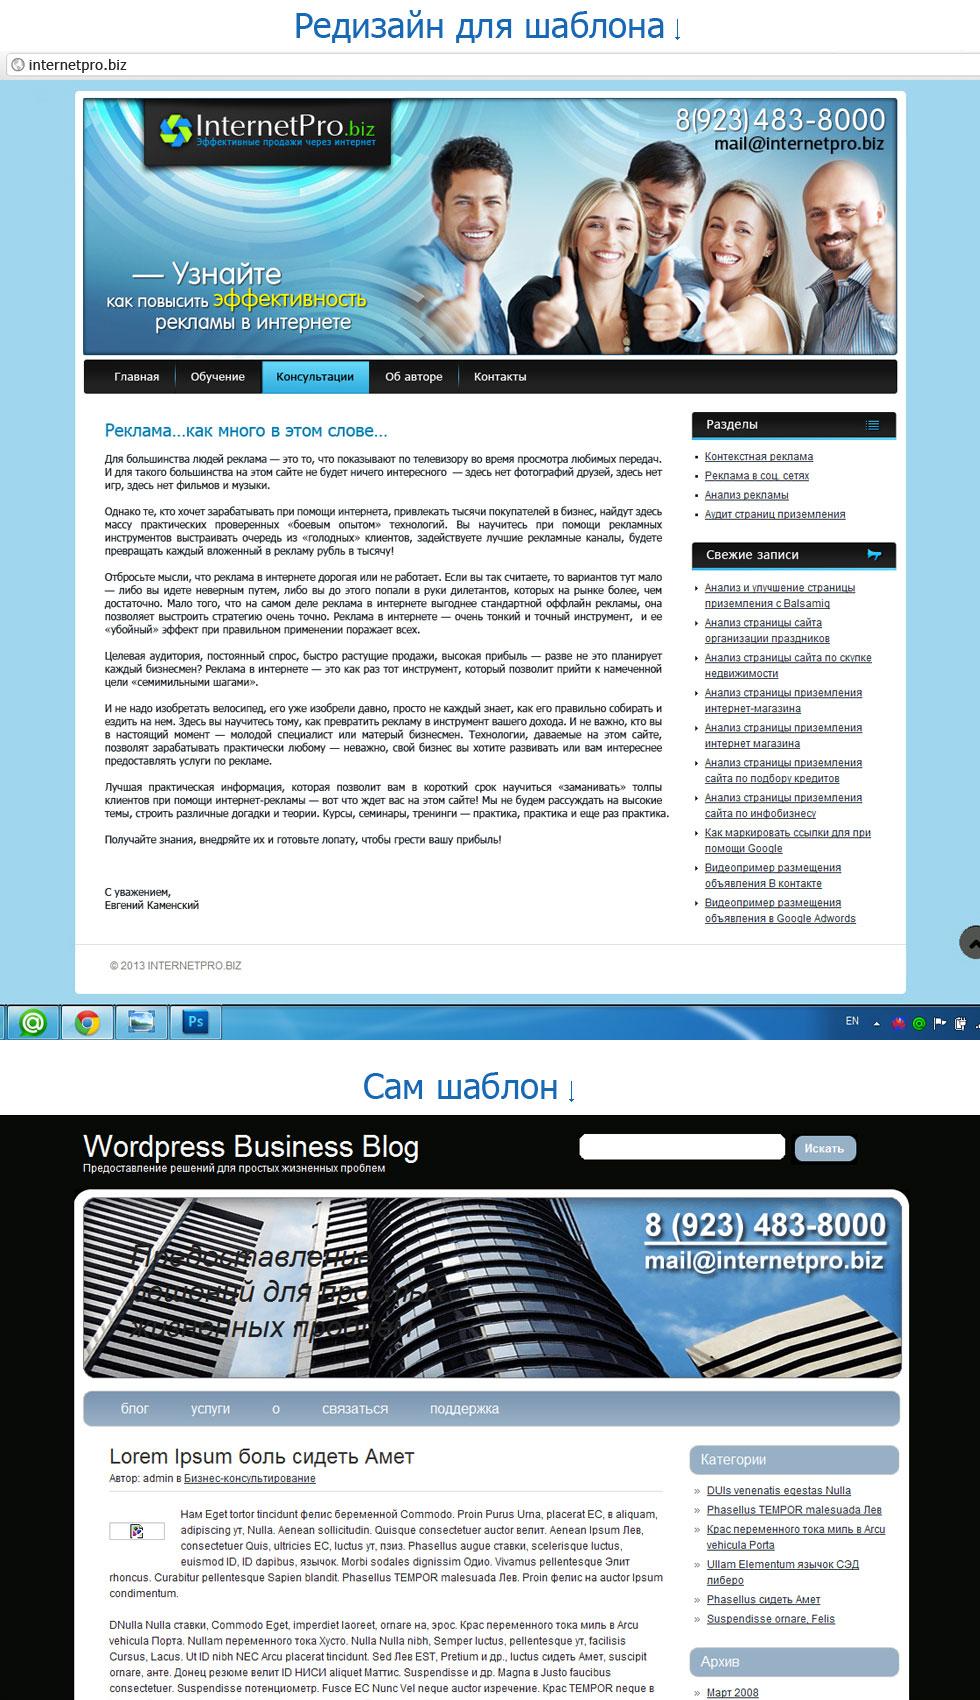 Ре-дизайн шаблона WordPress + верстка. для сайта Internetpro.biz